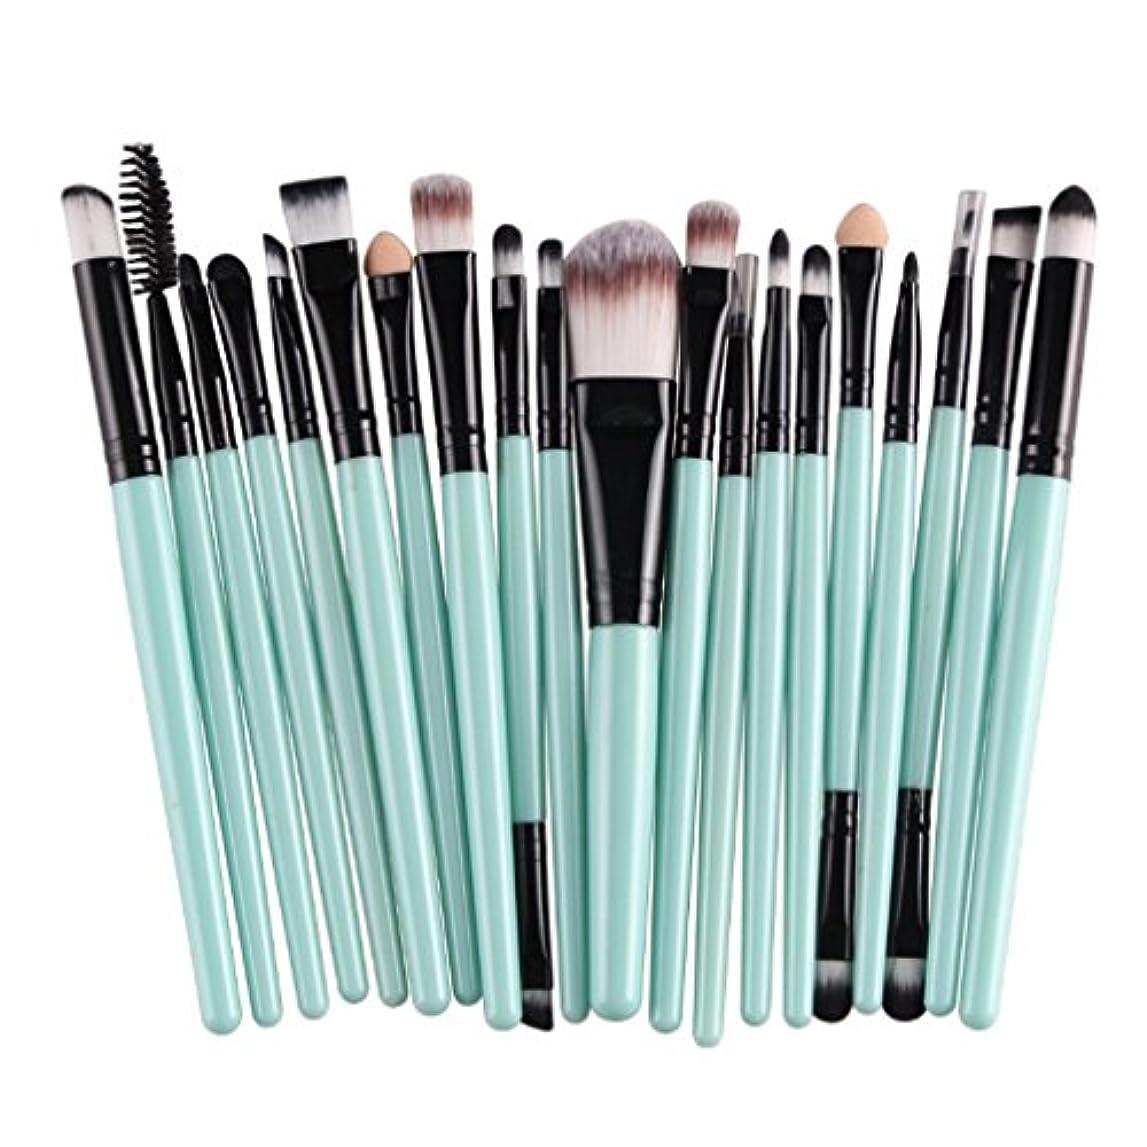 マウンド批判的目の前のBEE&BLUE メイクブラシ セット 人気 化粧ブラシ 化粧筆 ブラシ 上質 毛質 柔らかく 毛量たっぷり コスメ 基本ブラシ メイクアップブラシ 敏感肌適用 メイクツール 20本セット